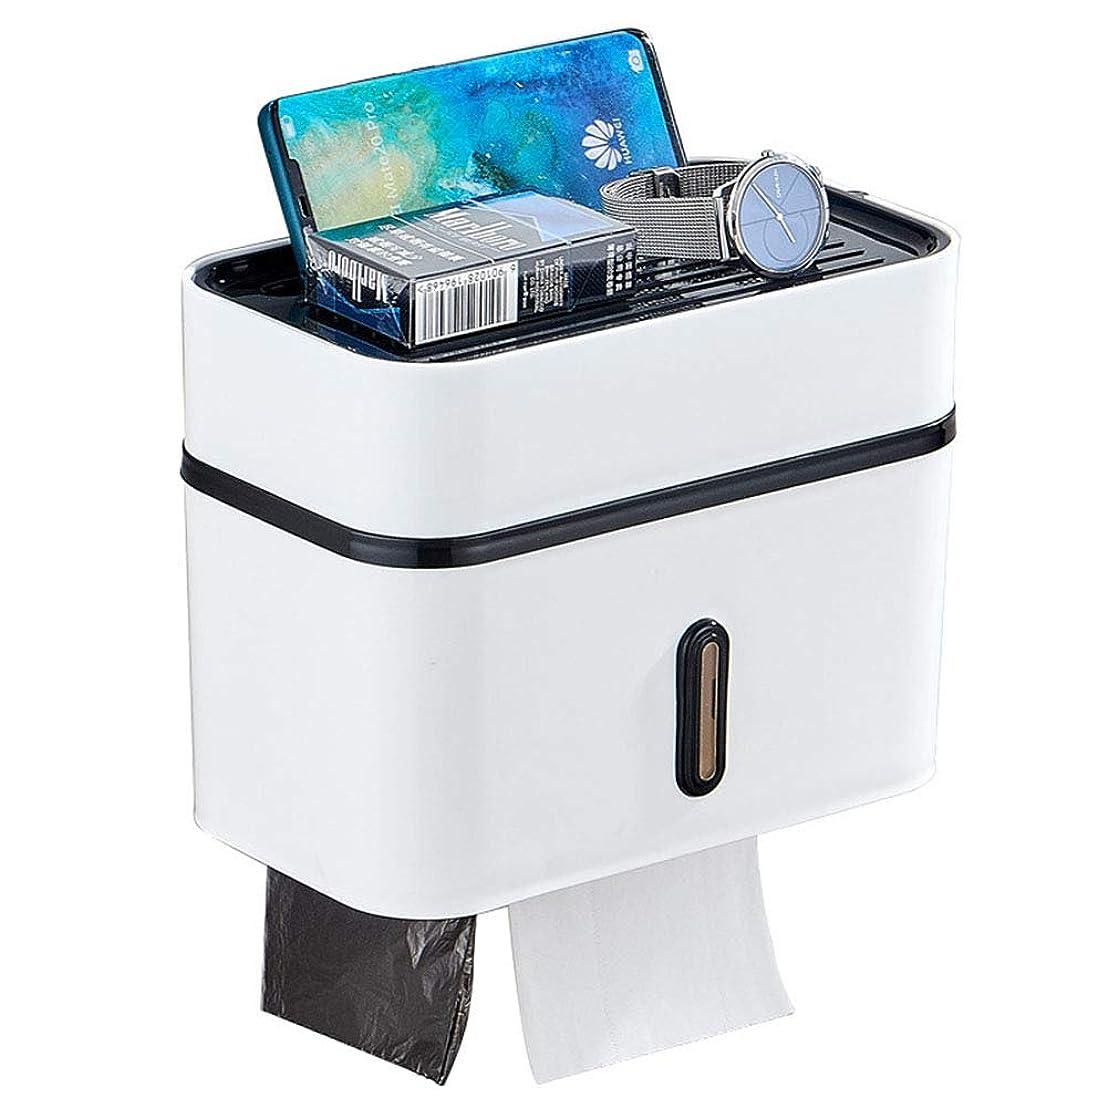 社交的ひいきにする効能多機能トイレットティッシュボックス、ABS防水ティッシュホルダー、無孔壁取り付け、ダブルストレージモード、すばやく取り付け可能